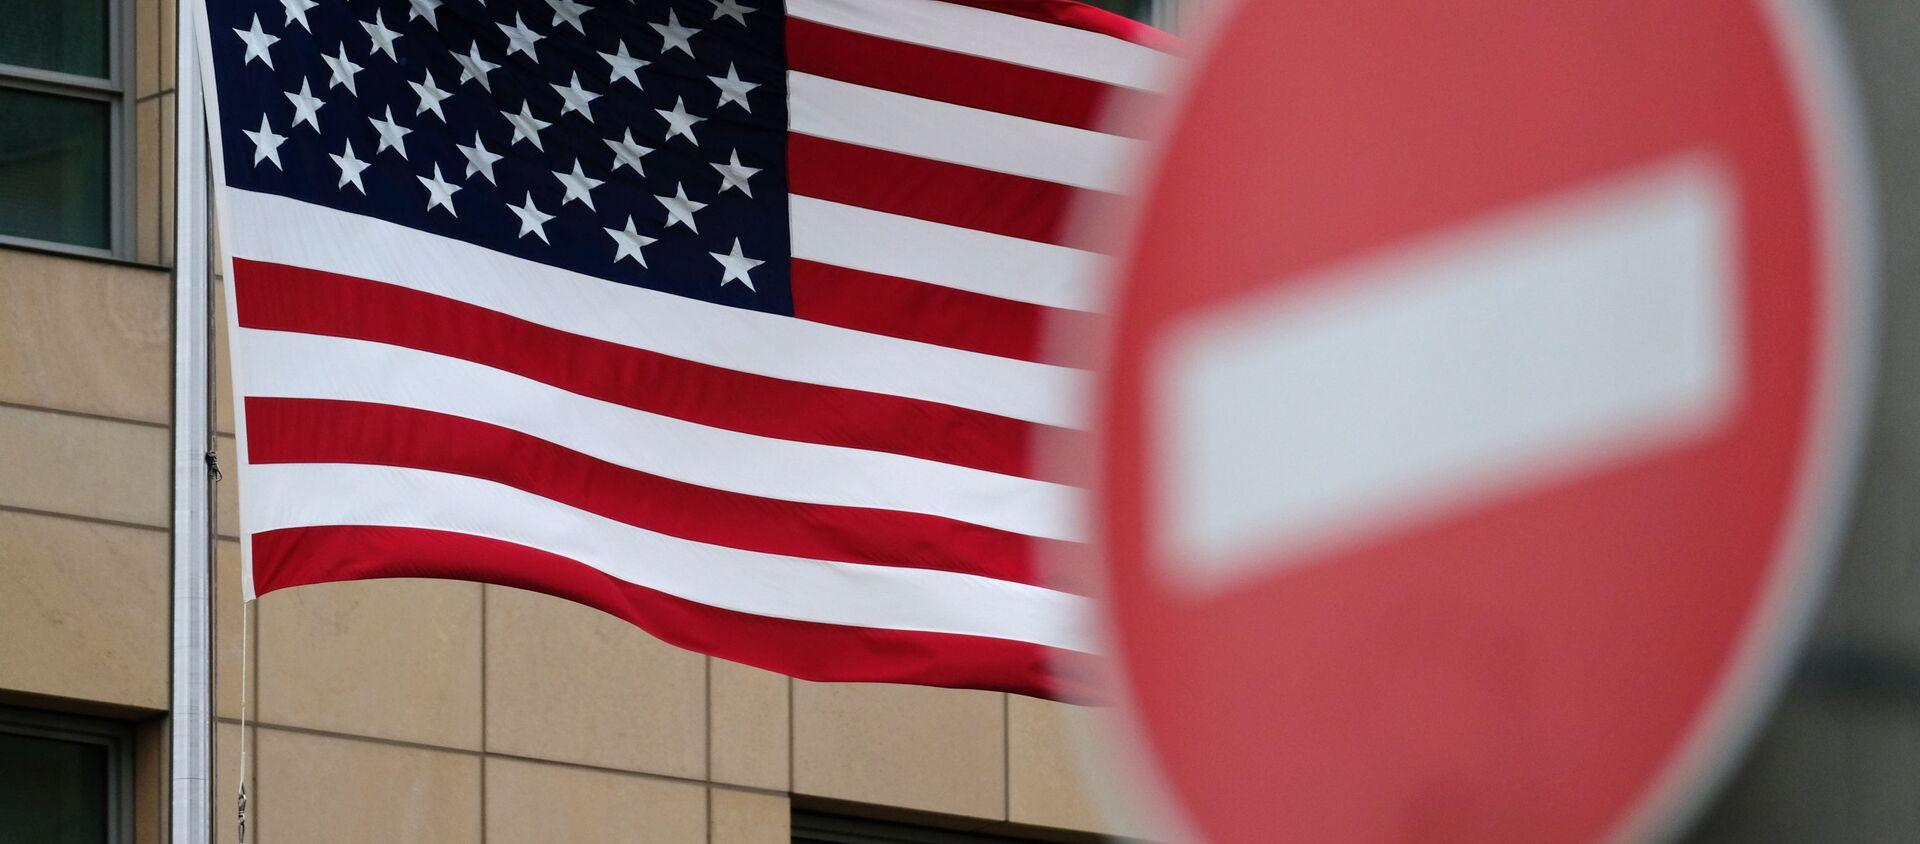 Flaga Stanów Zjednoczonych na tle znaku drogowego - Sputnik Polska, 1920, 02.03.2021